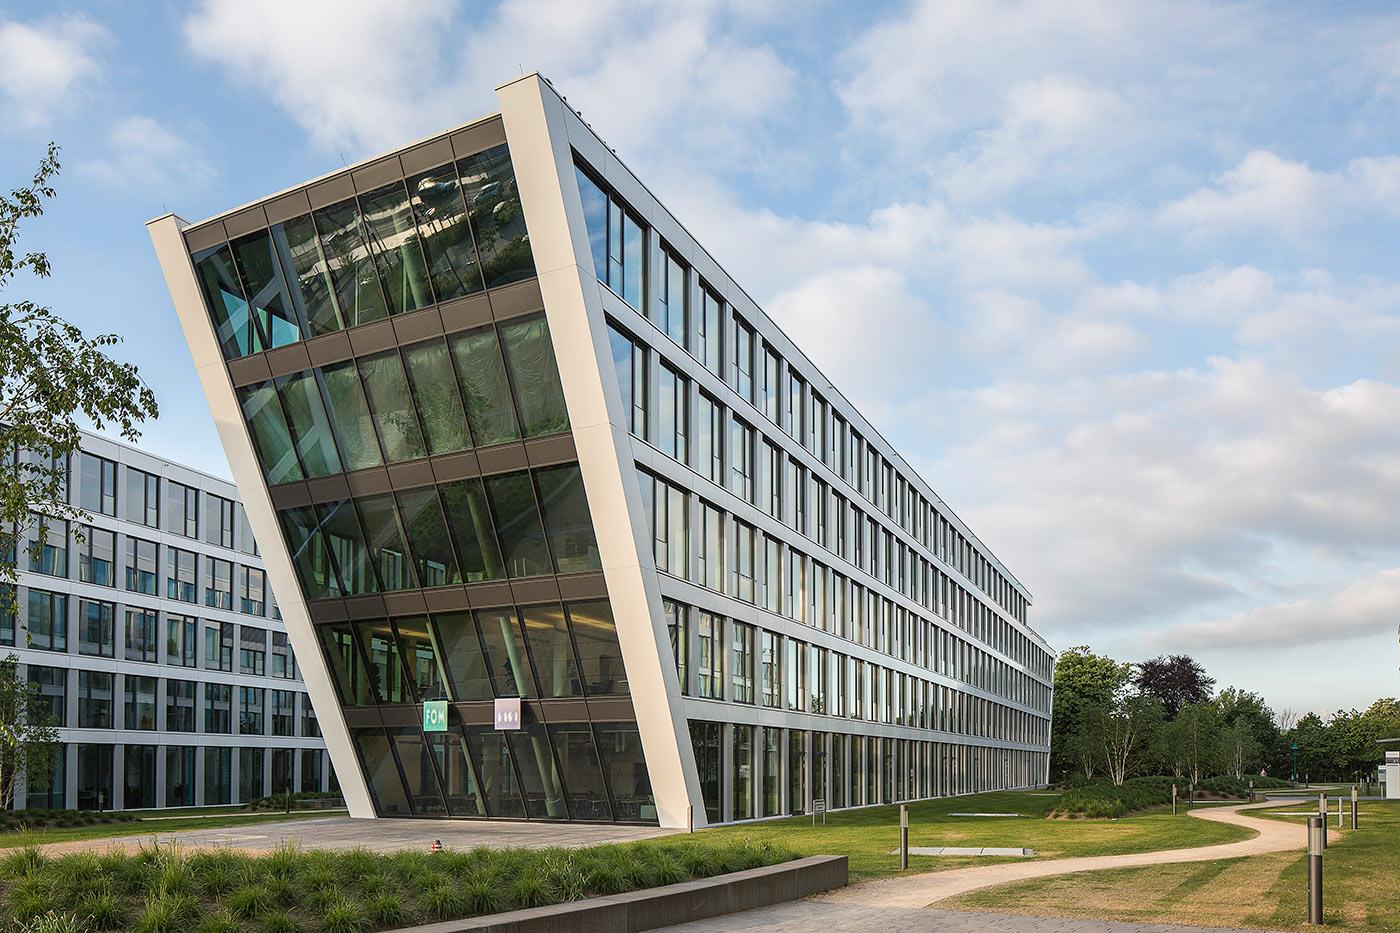 Architekturfotograf bonn tobias vollmer fotografie - Architektur siegen ...